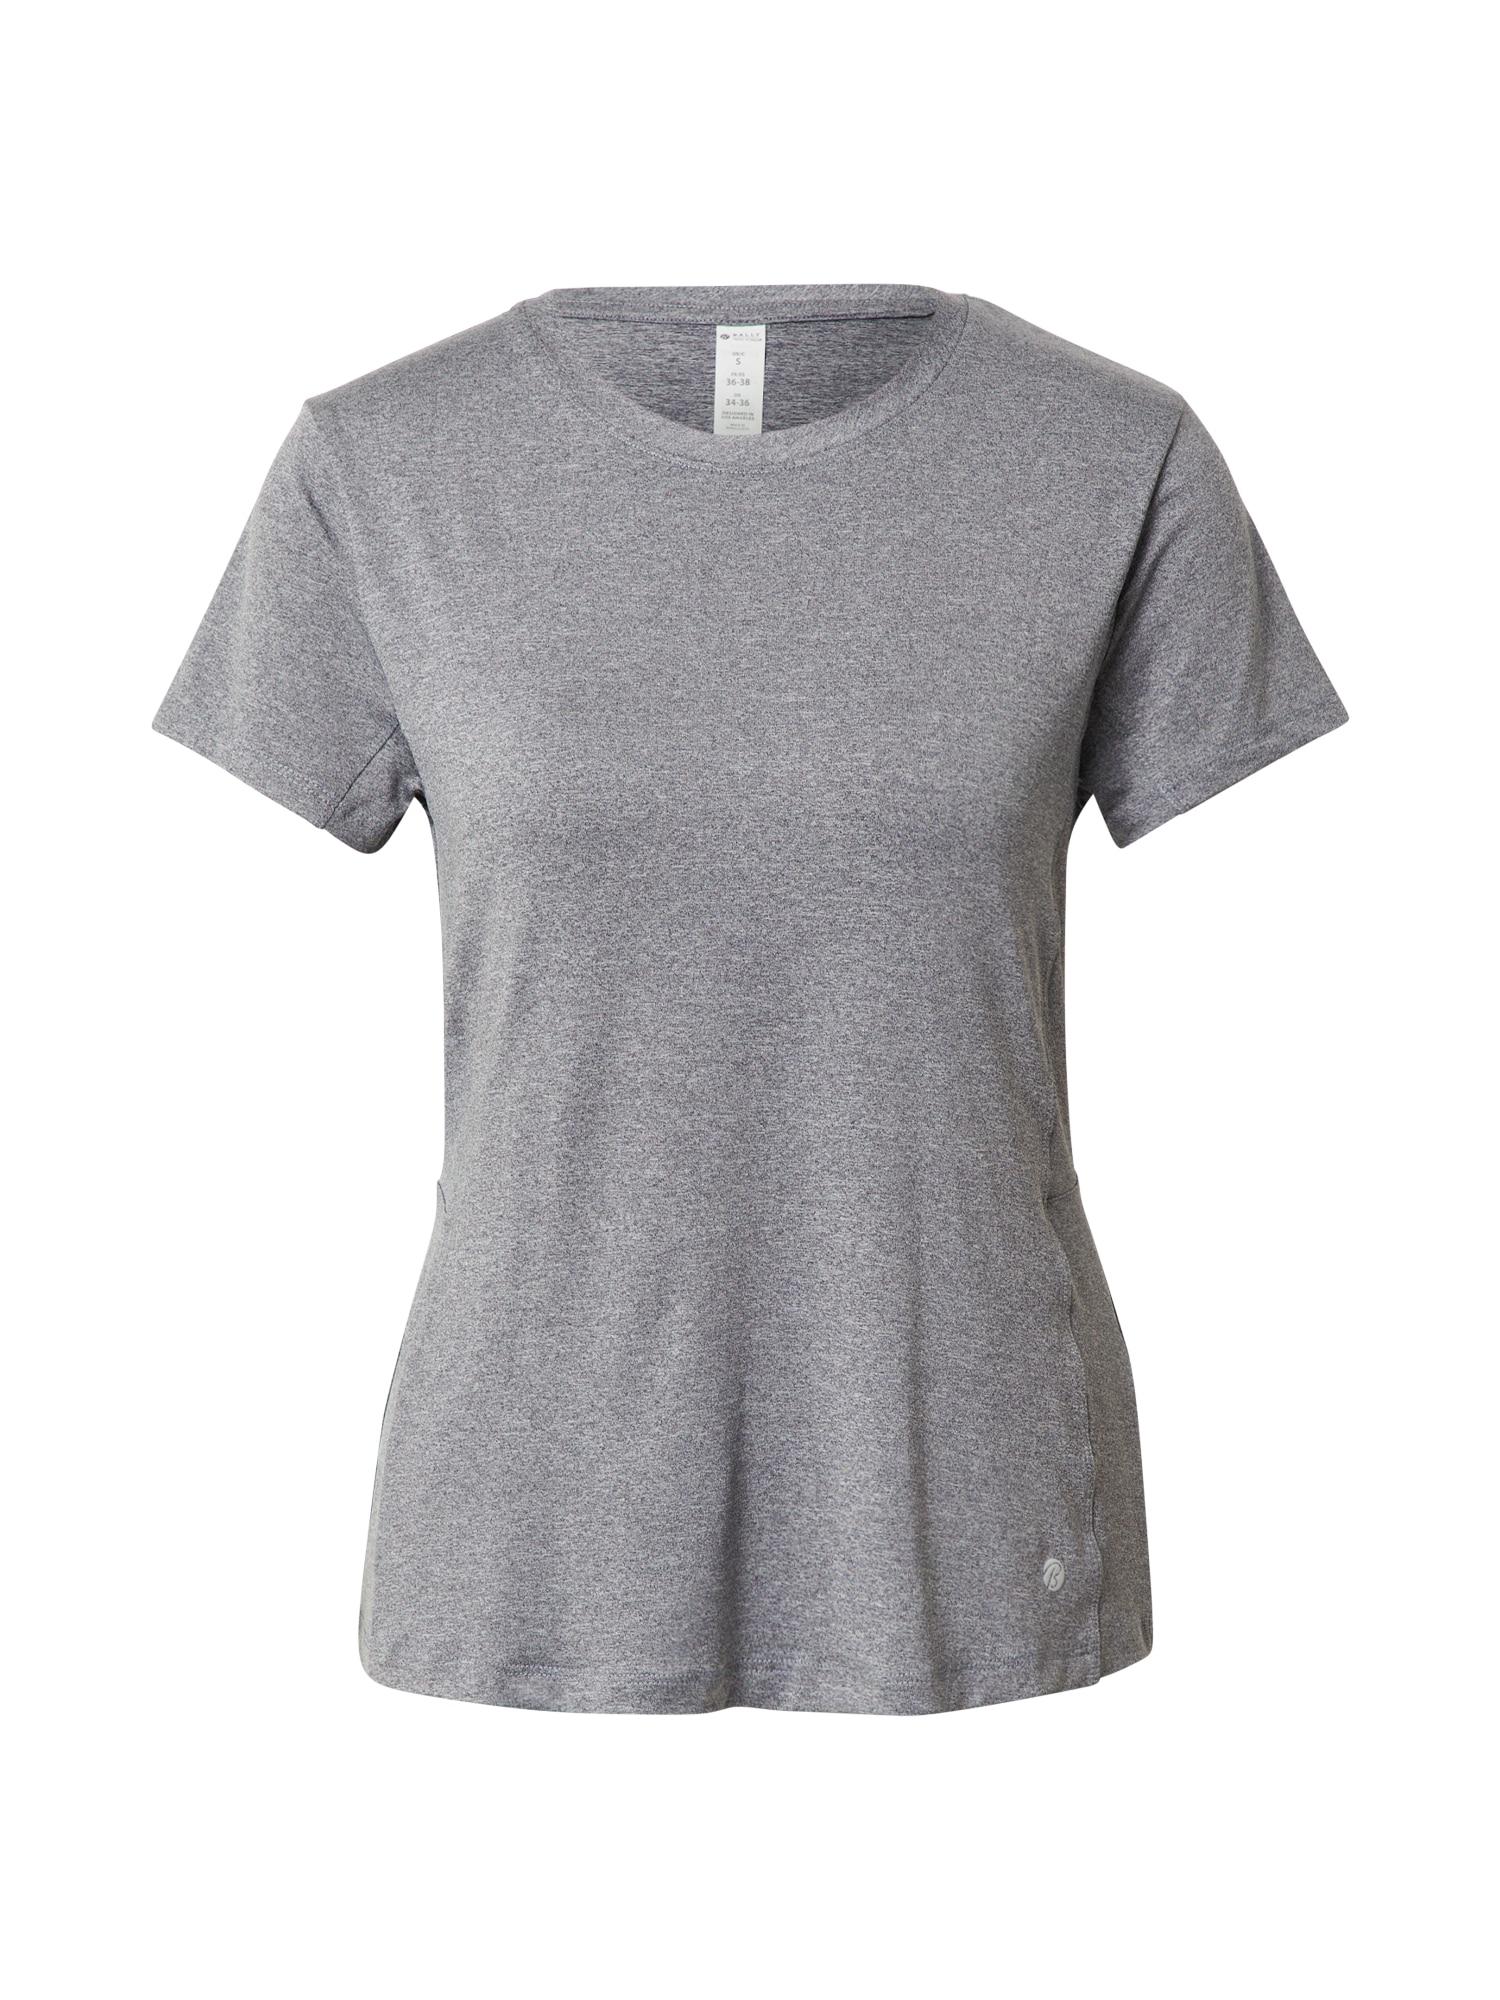 Bally Sportiniai marškinėliai tamsiai pilka